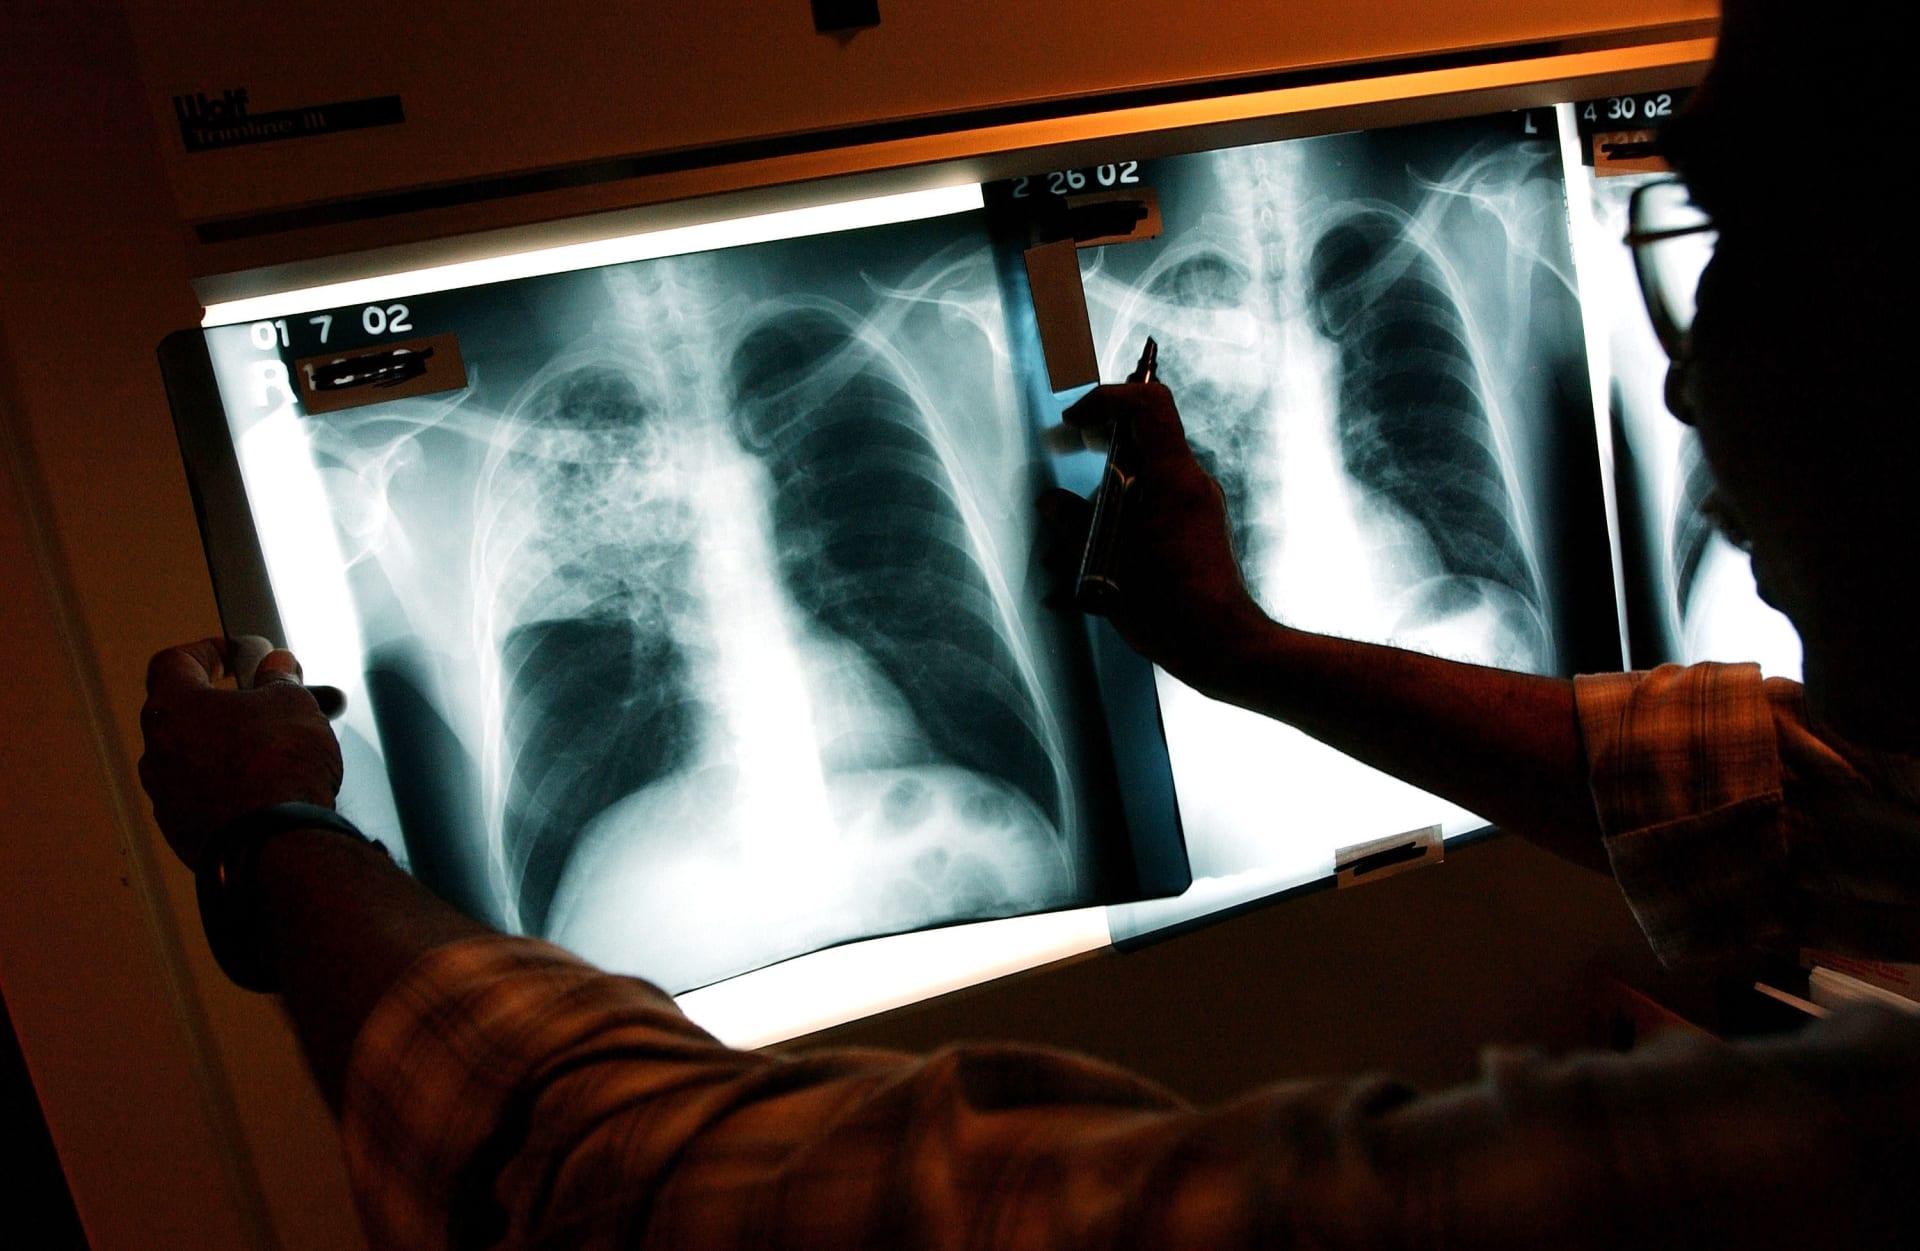 تعرّف إلى طرق الوقاية من السرطان الأكثر انتشاراً بين الرجال